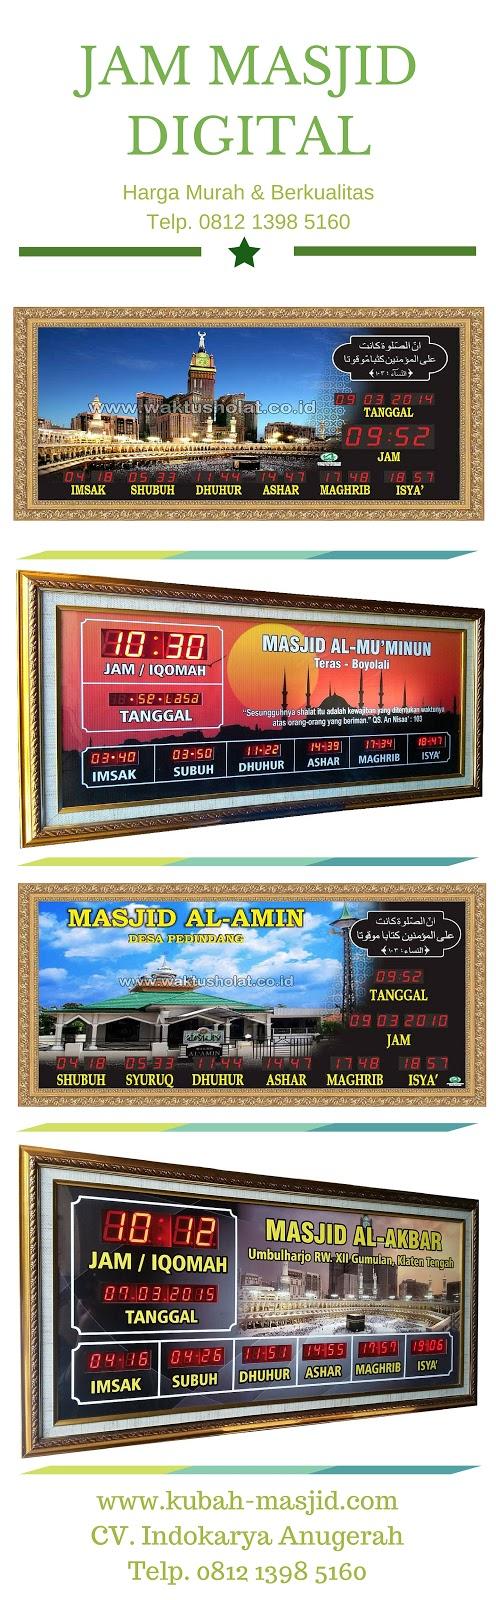 Jam-Digital-Masjid-murah-berkualitas-kubah-masjid-com